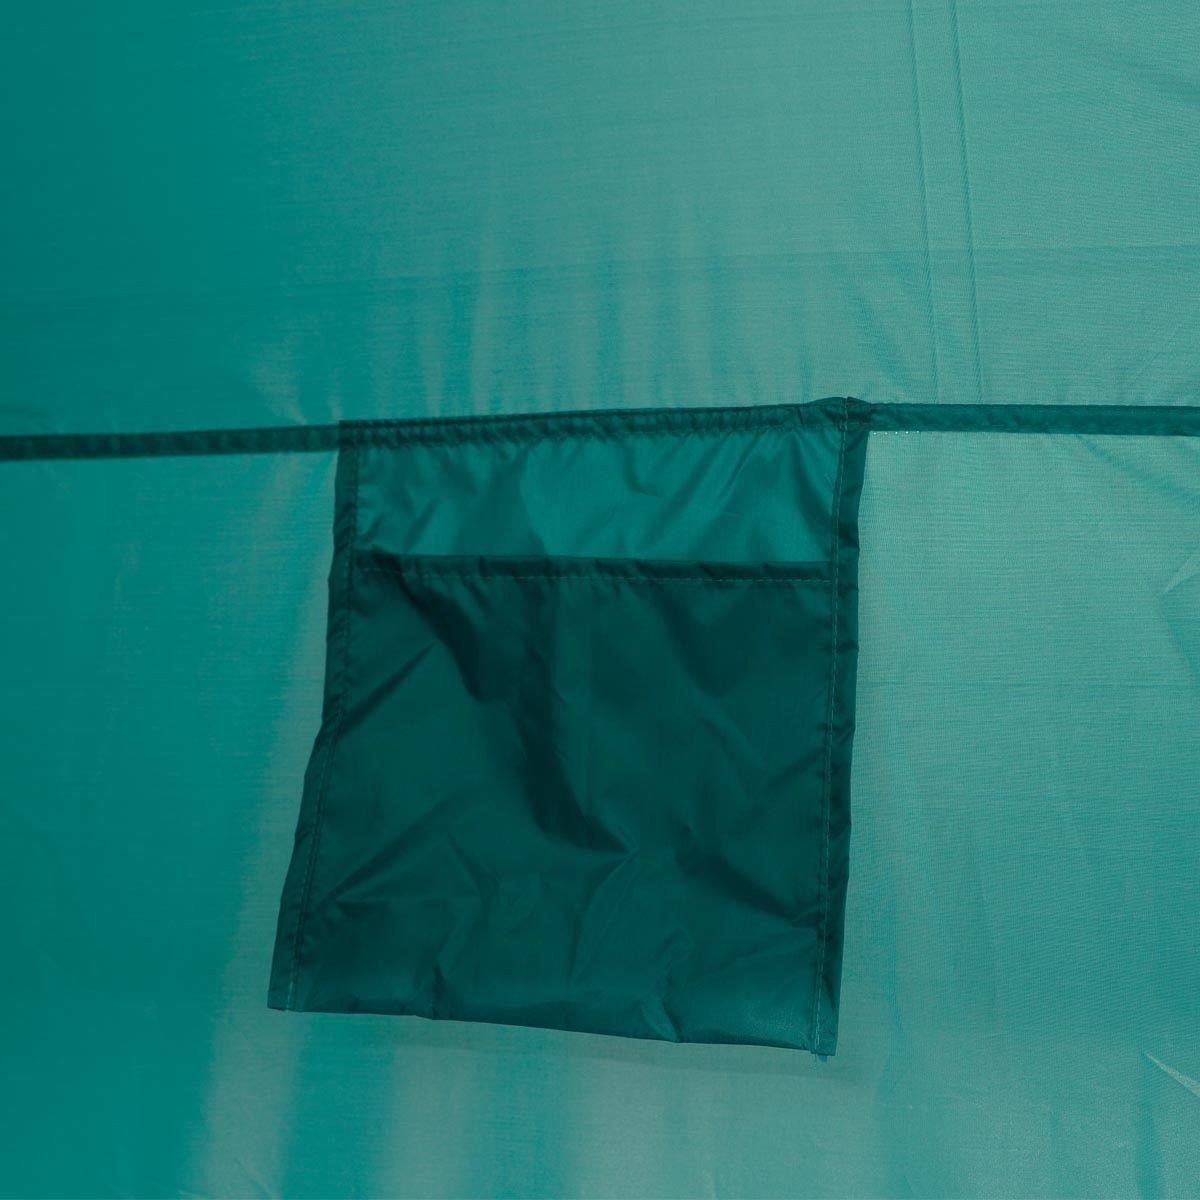 Generic NV_1008000885_YC-US2 GreenFis Toilet Changing Bathi Portable Pop ilet Tent Camping ing T UP Fishing & Bathing ampin Room Green Portabl by Generic (Image #8)